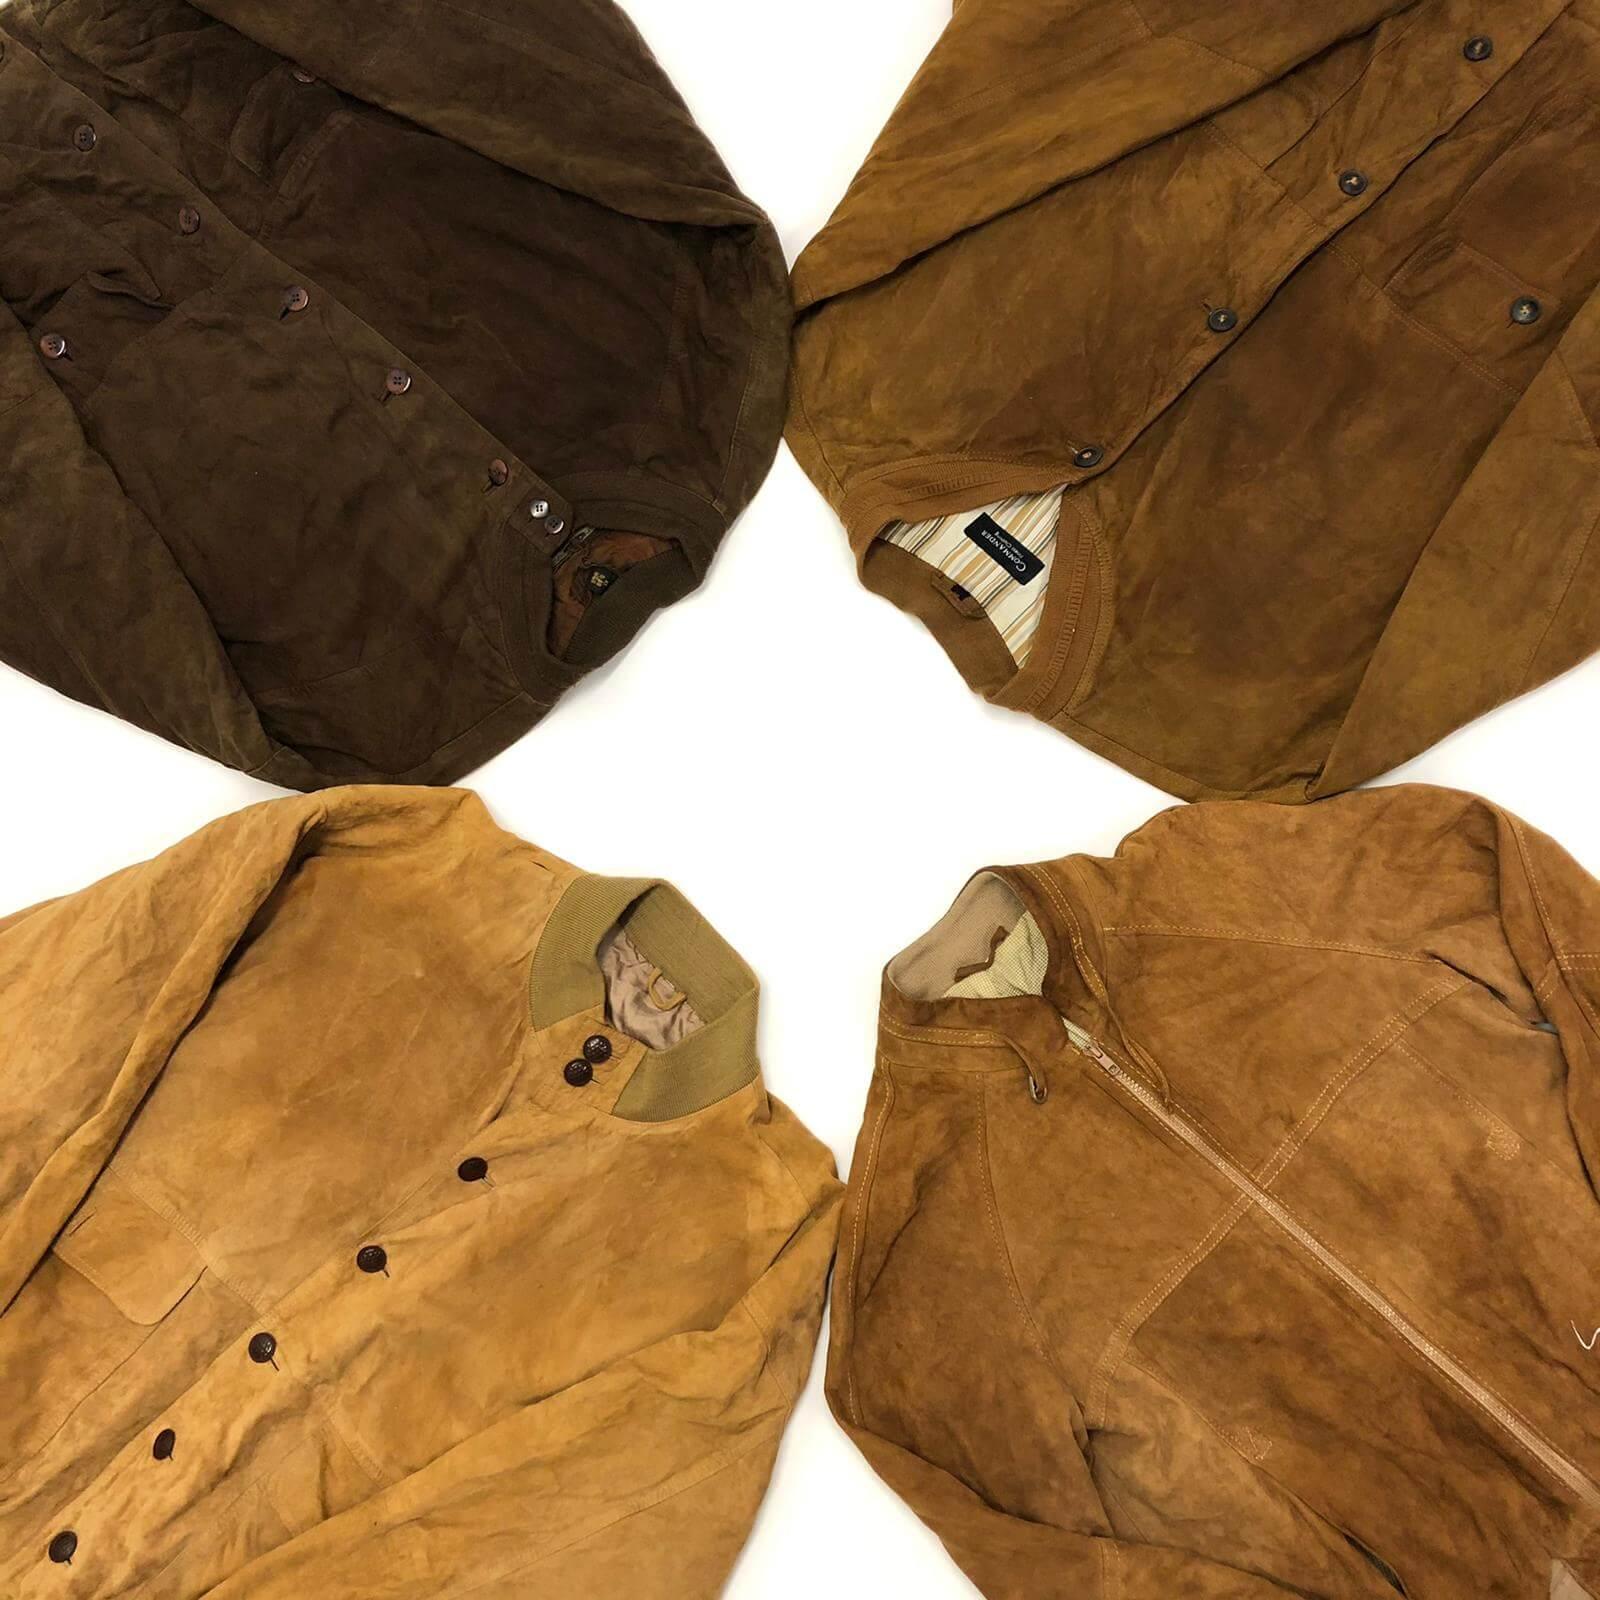 Vintage Suede Bomber Jackets